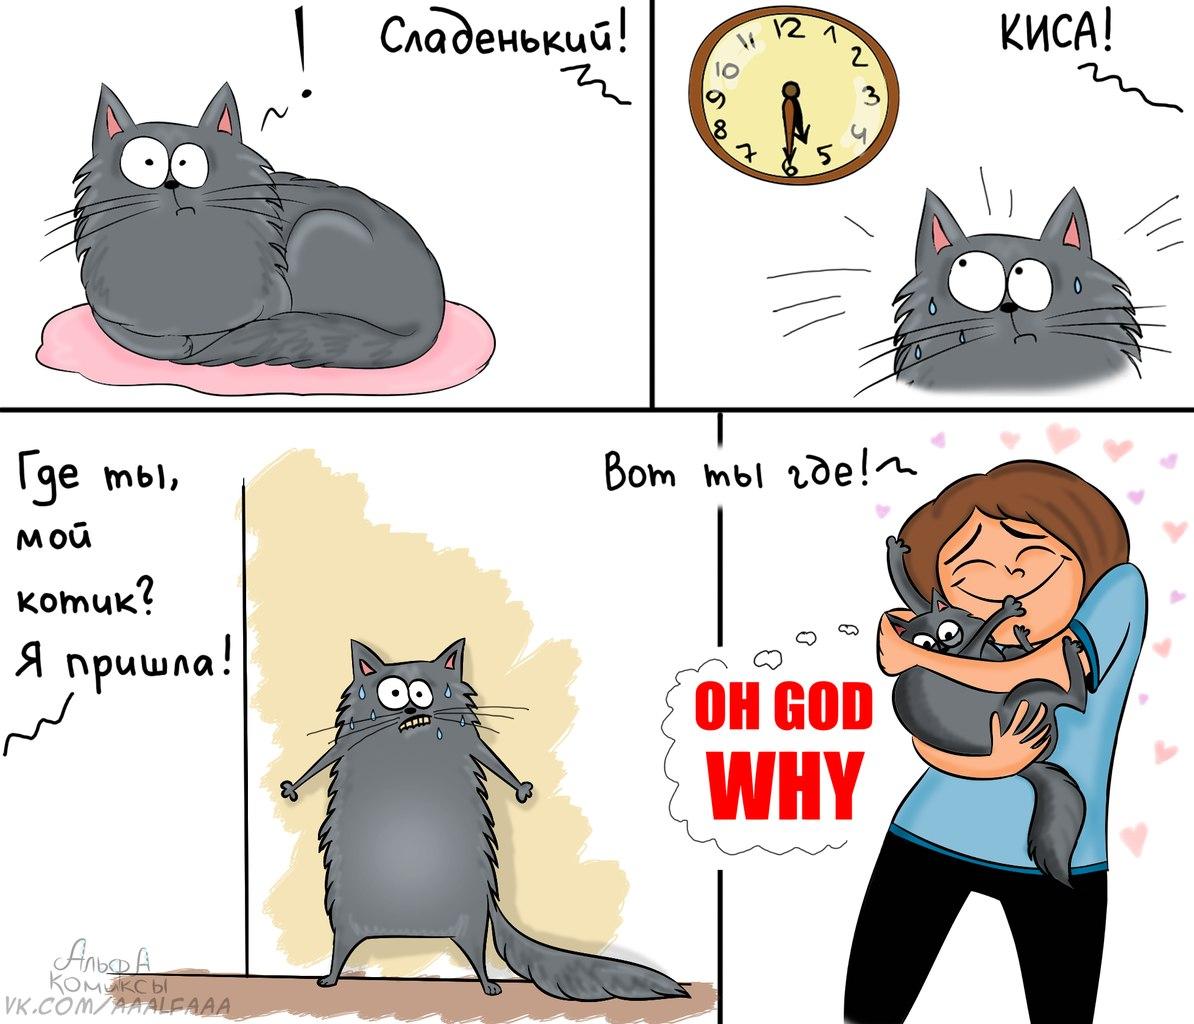 Котик, ты где. Альфа Комиксы